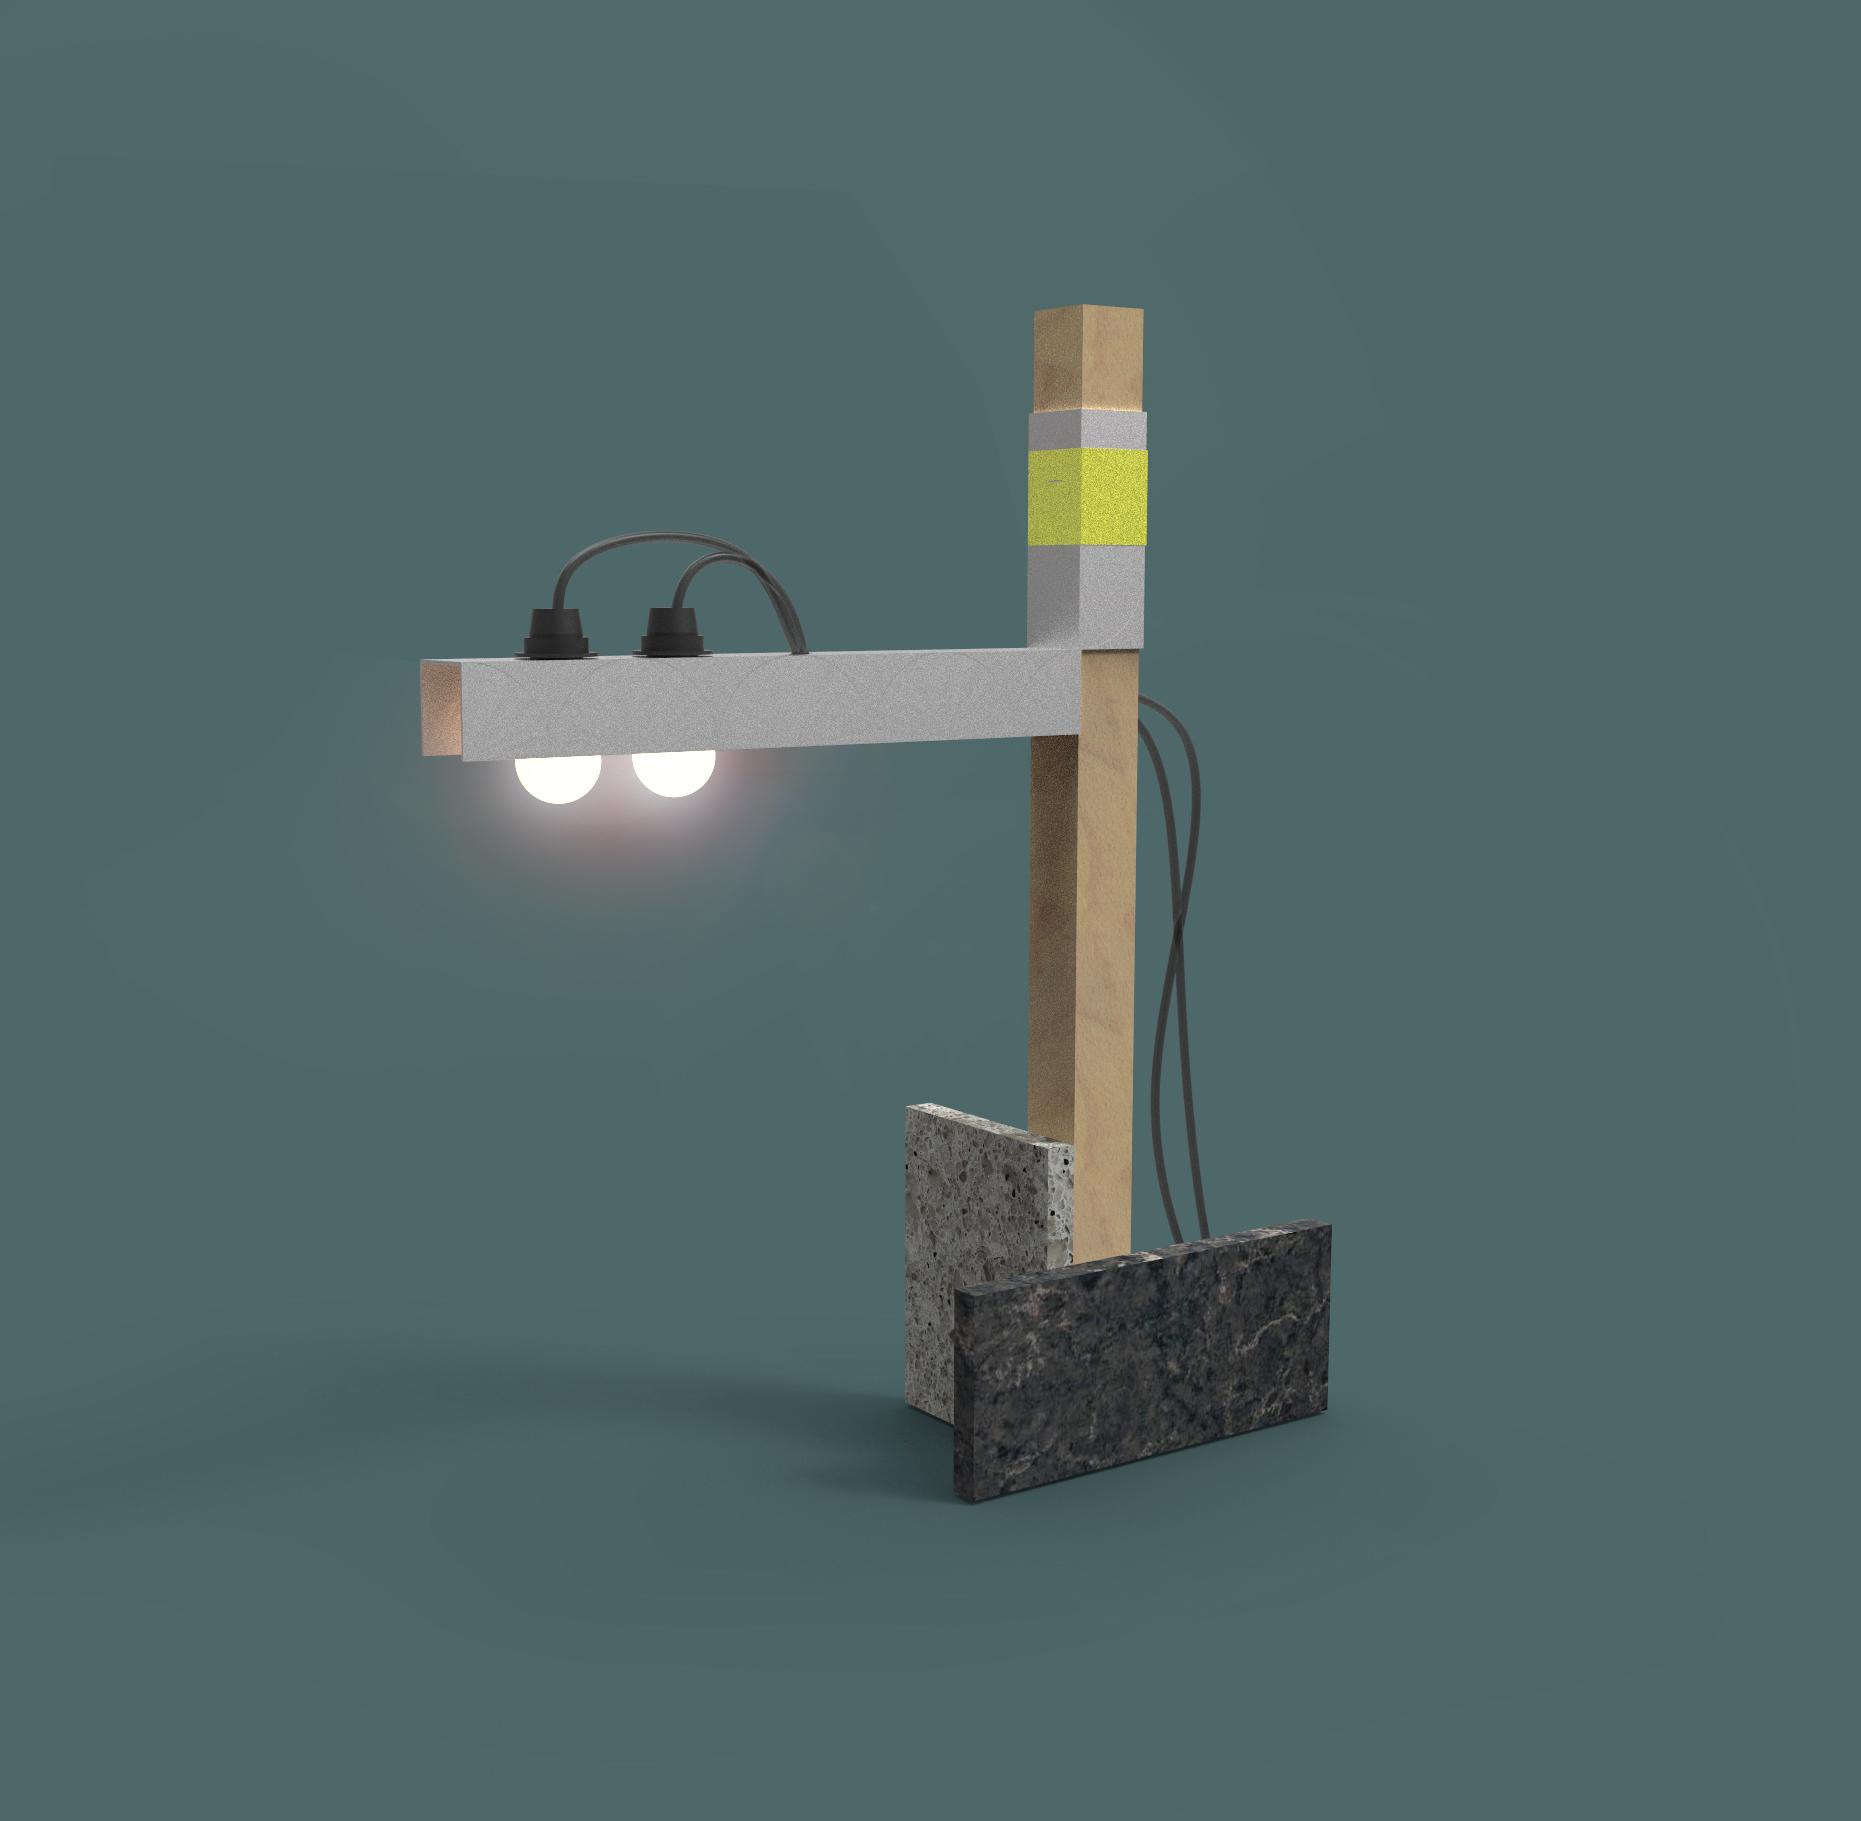 מנורה של איתי אהלי. הדמייה: איתי אהלי